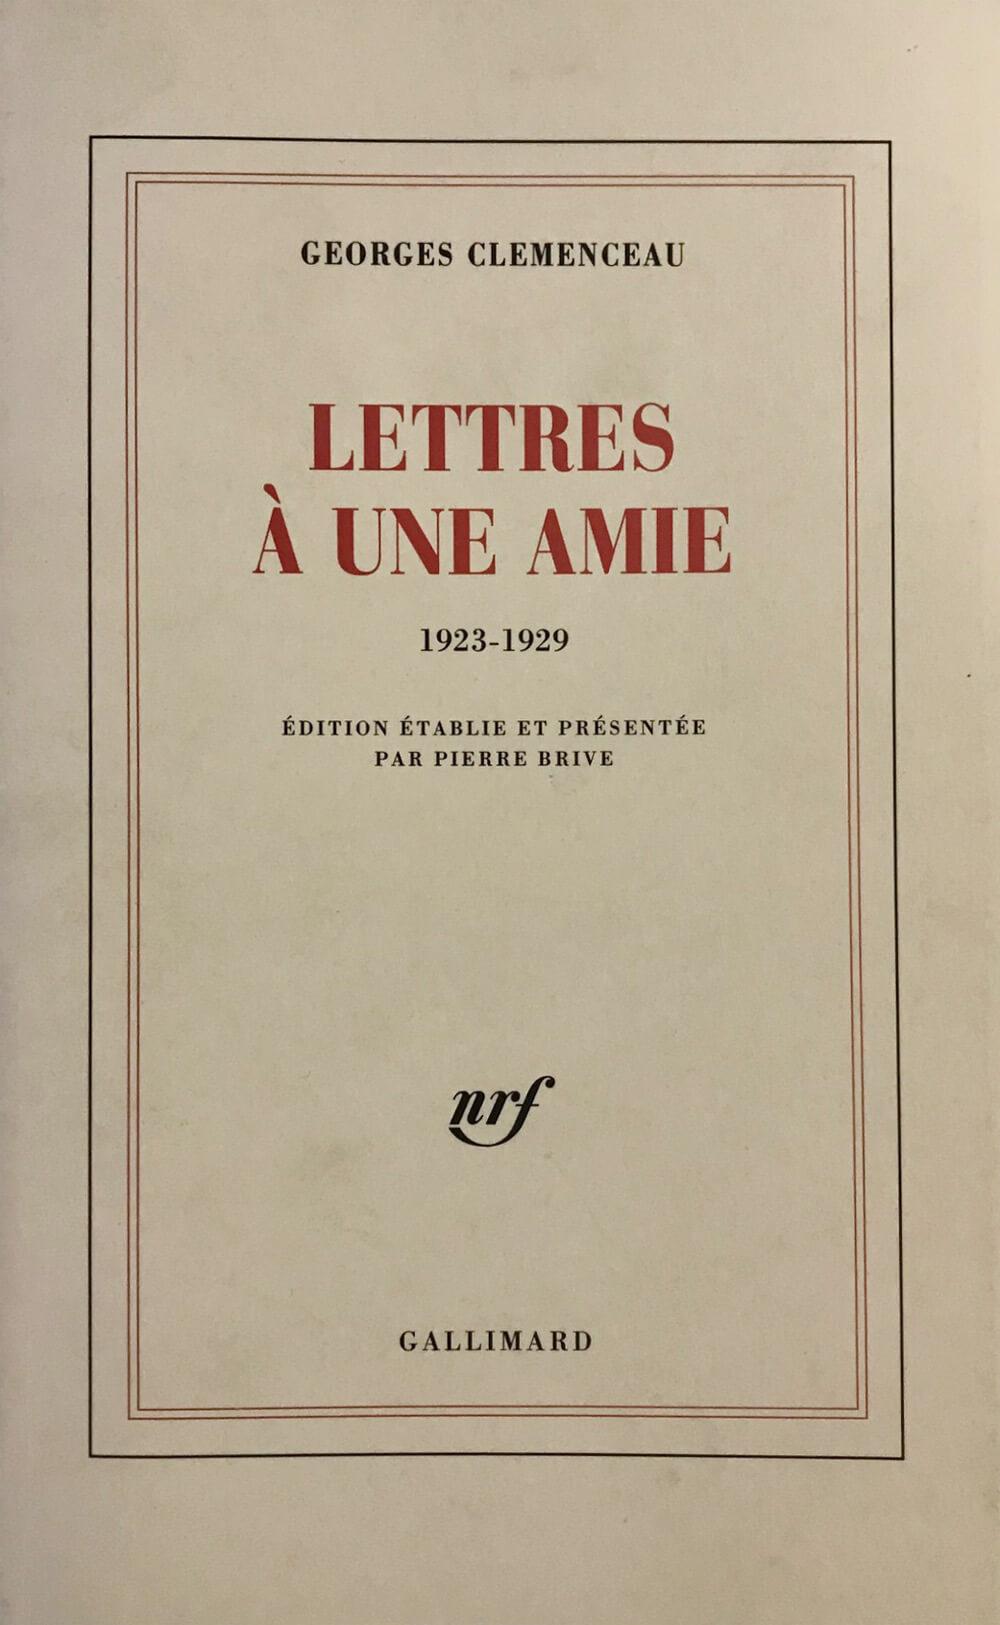 LETTRE À UNE AMIE - Georges Clemenceau - Musée Clemenceau